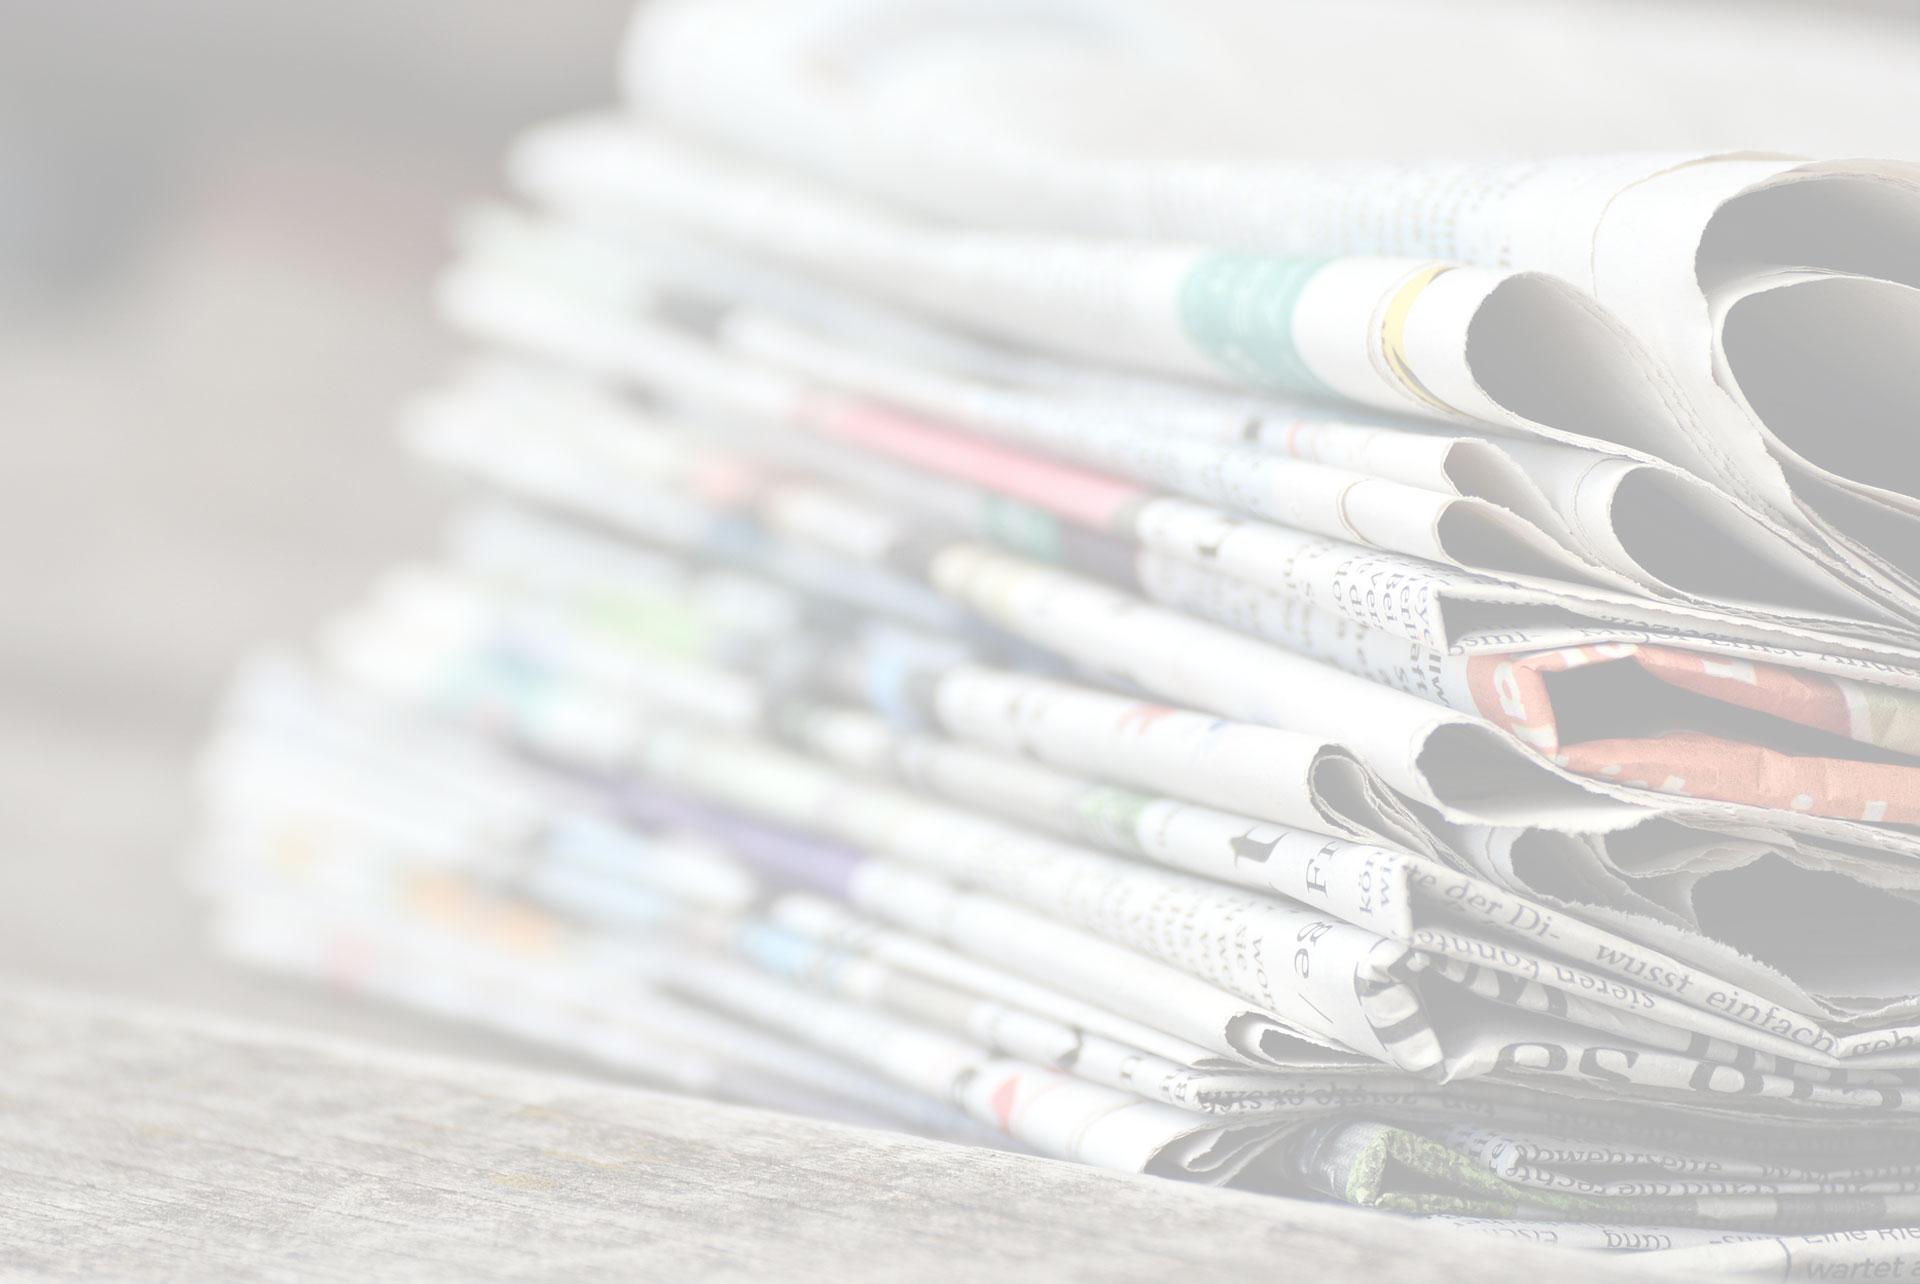 Rapporto Censis